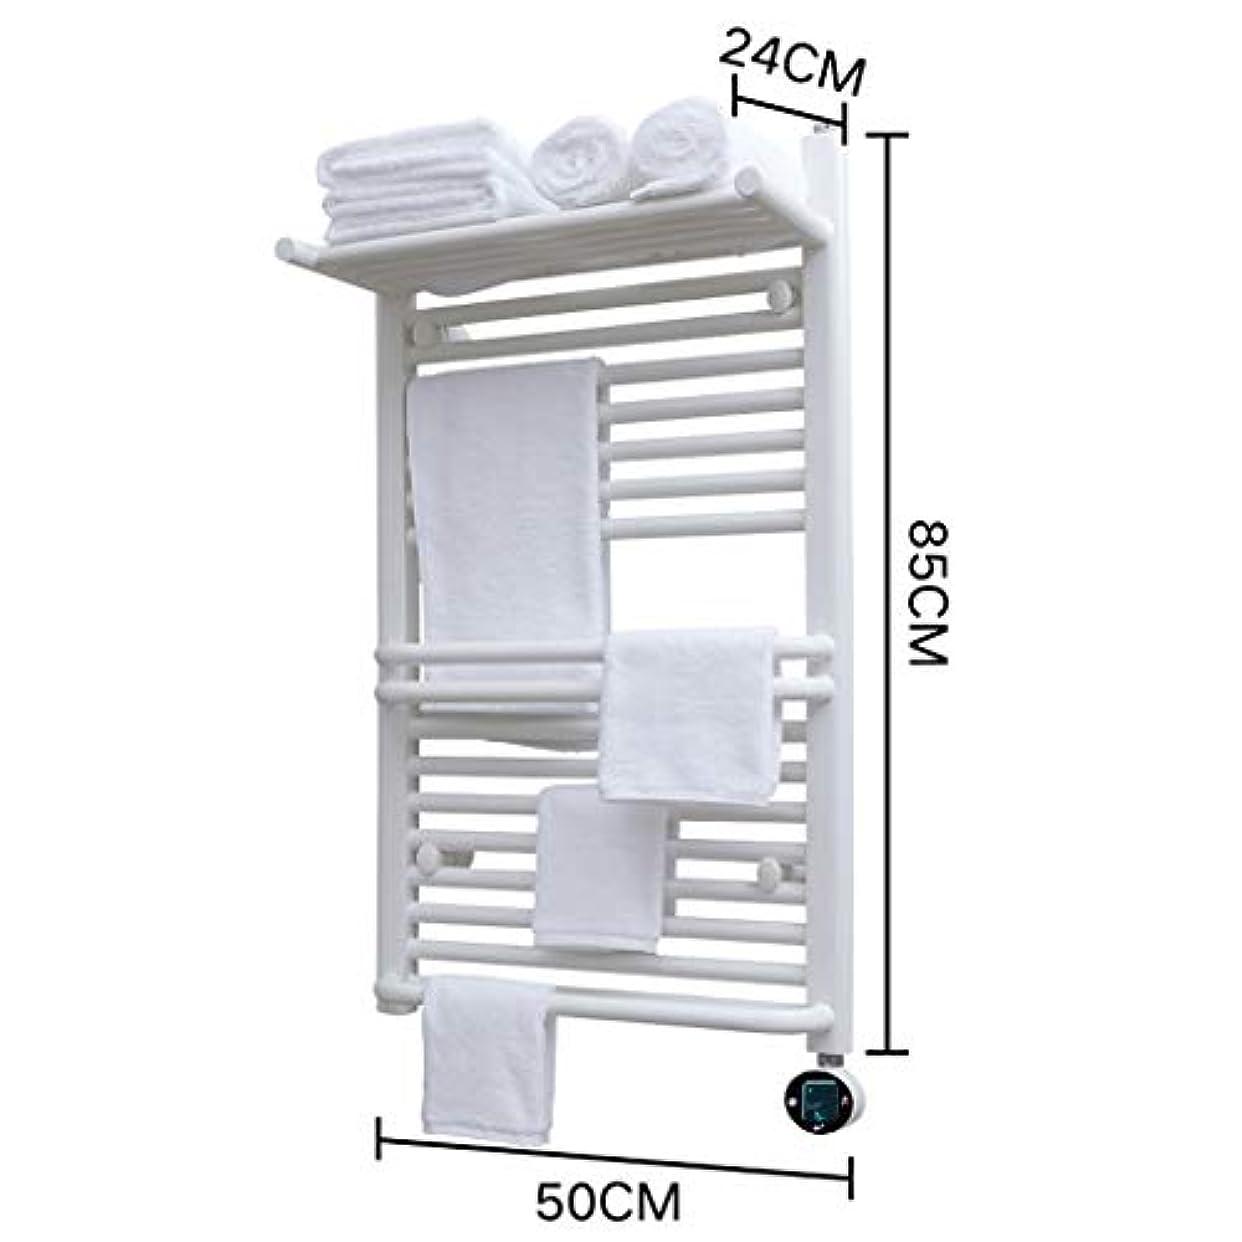 八百屋さん代わりにブースWHJ@ 熱くするタオルレールの無煙炭の浴室のラジエーター、4つのサイズ、白くおよび黒、IPX4防水、一定した温度